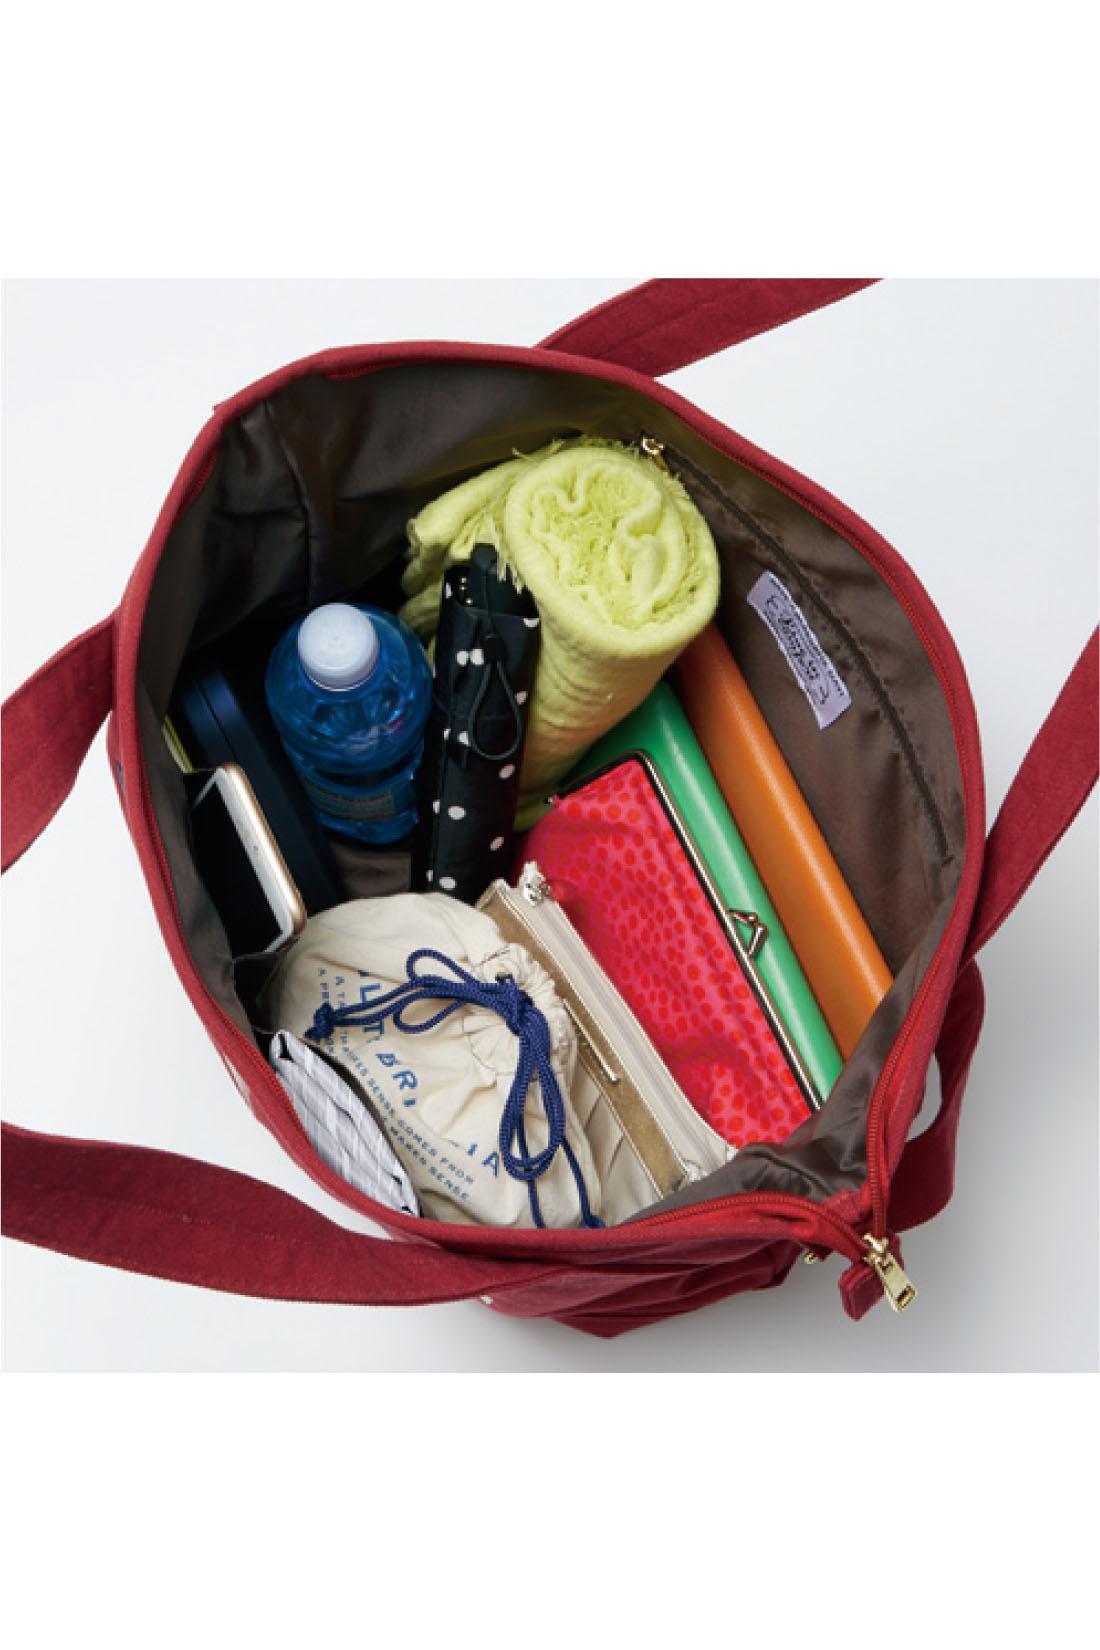 内側はポリエステルの裏地付きで、汚れにくい。豊富なポケットで整理しやすく使いやすさ満点。